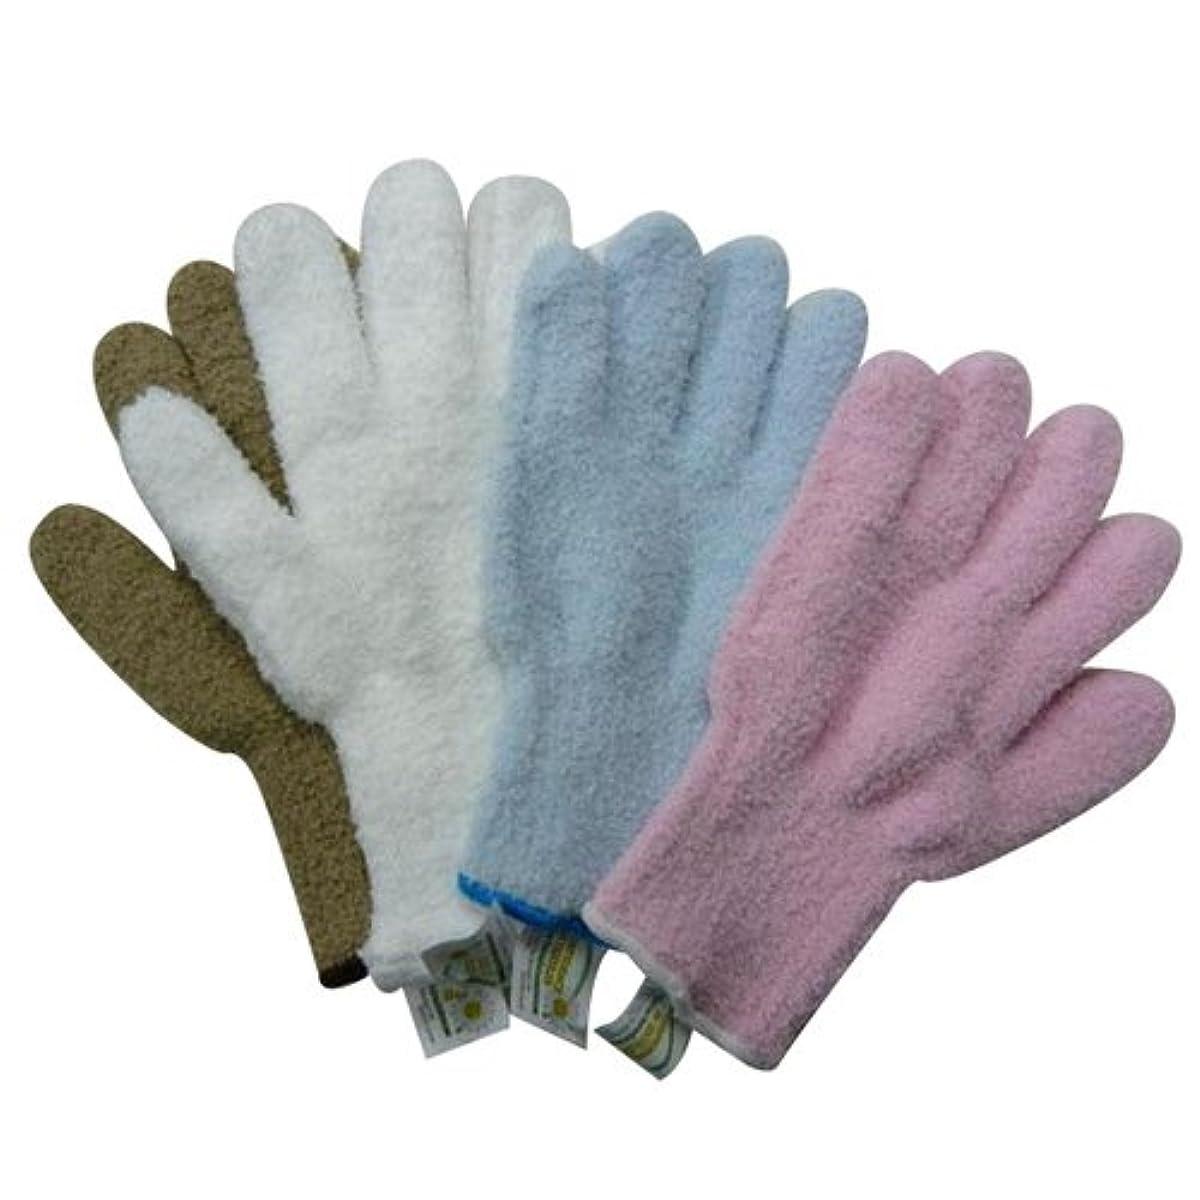 偏心梨手のひらウルトラ?マイクロファイバー手袋 エコテックスタグ付き×4色セット(KE702-WH?SB?BE?PK) 5007an